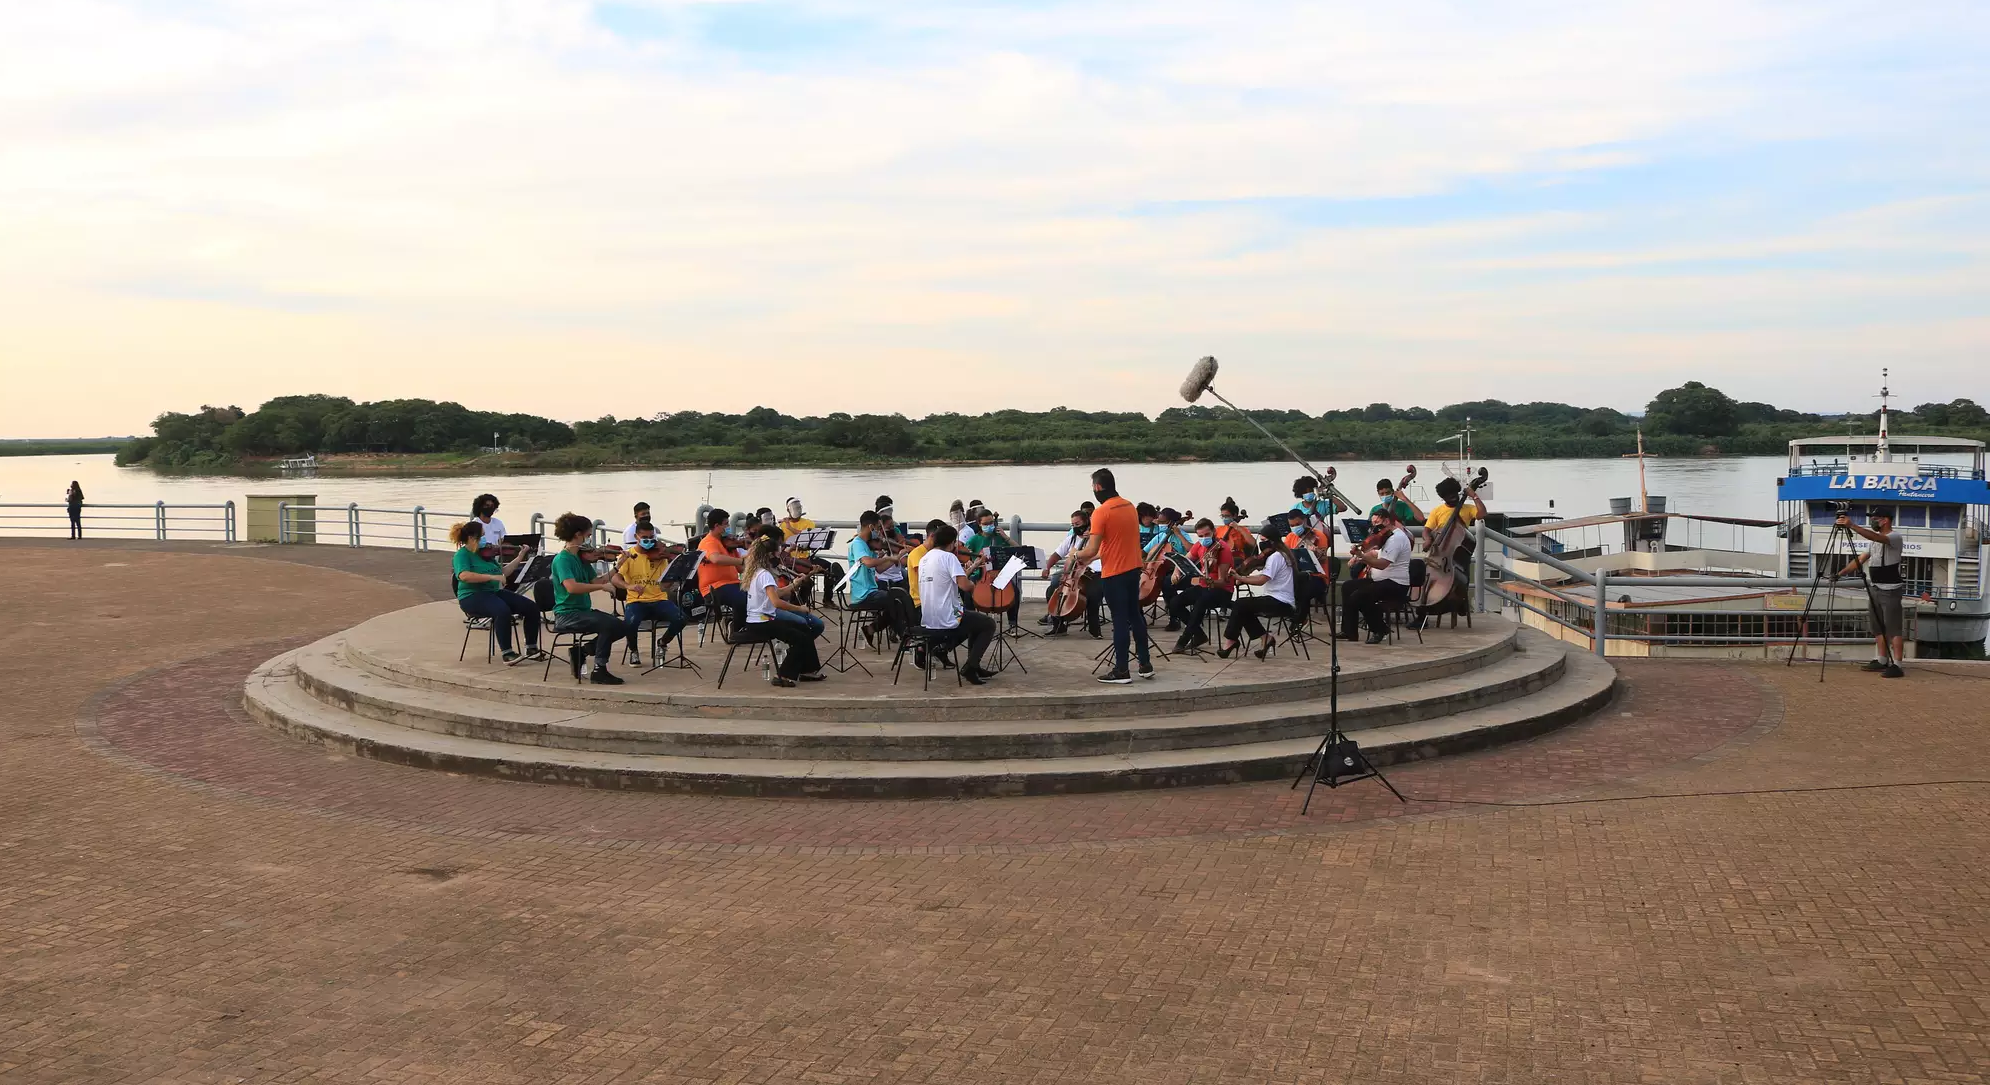 Orquestras do RJ e de Corumbá tocaram juntas na beira do rio Paraguai (Foto: Divulgação/Moinho Cultural)